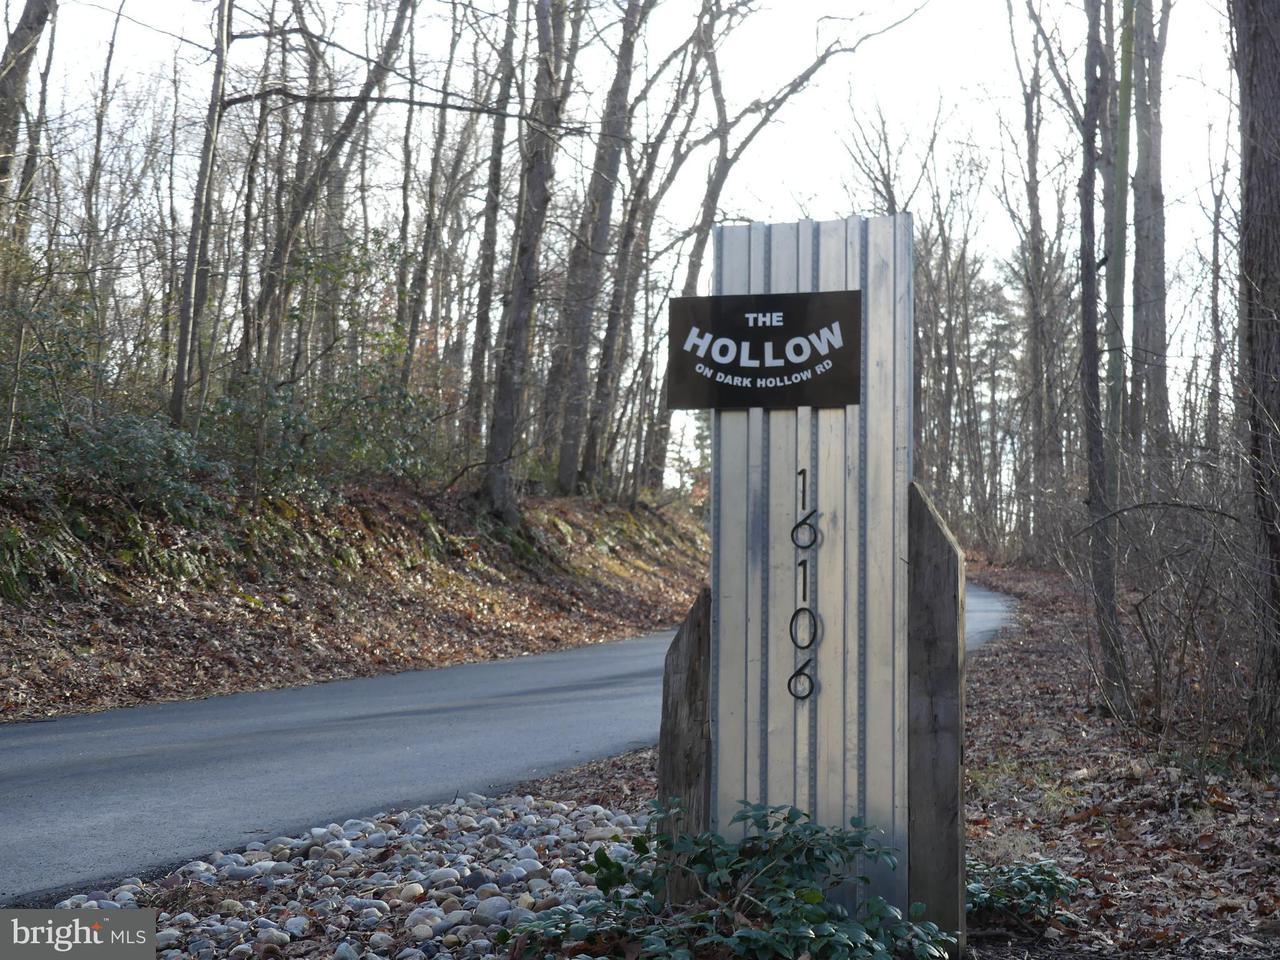 Μονοκατοικία για την Πώληση στο 16106 Dark Hollow 16106 Dark Hollow Upperco, Μεριλαντ 21155 Ηνωμενεσ Πολιτειεσ